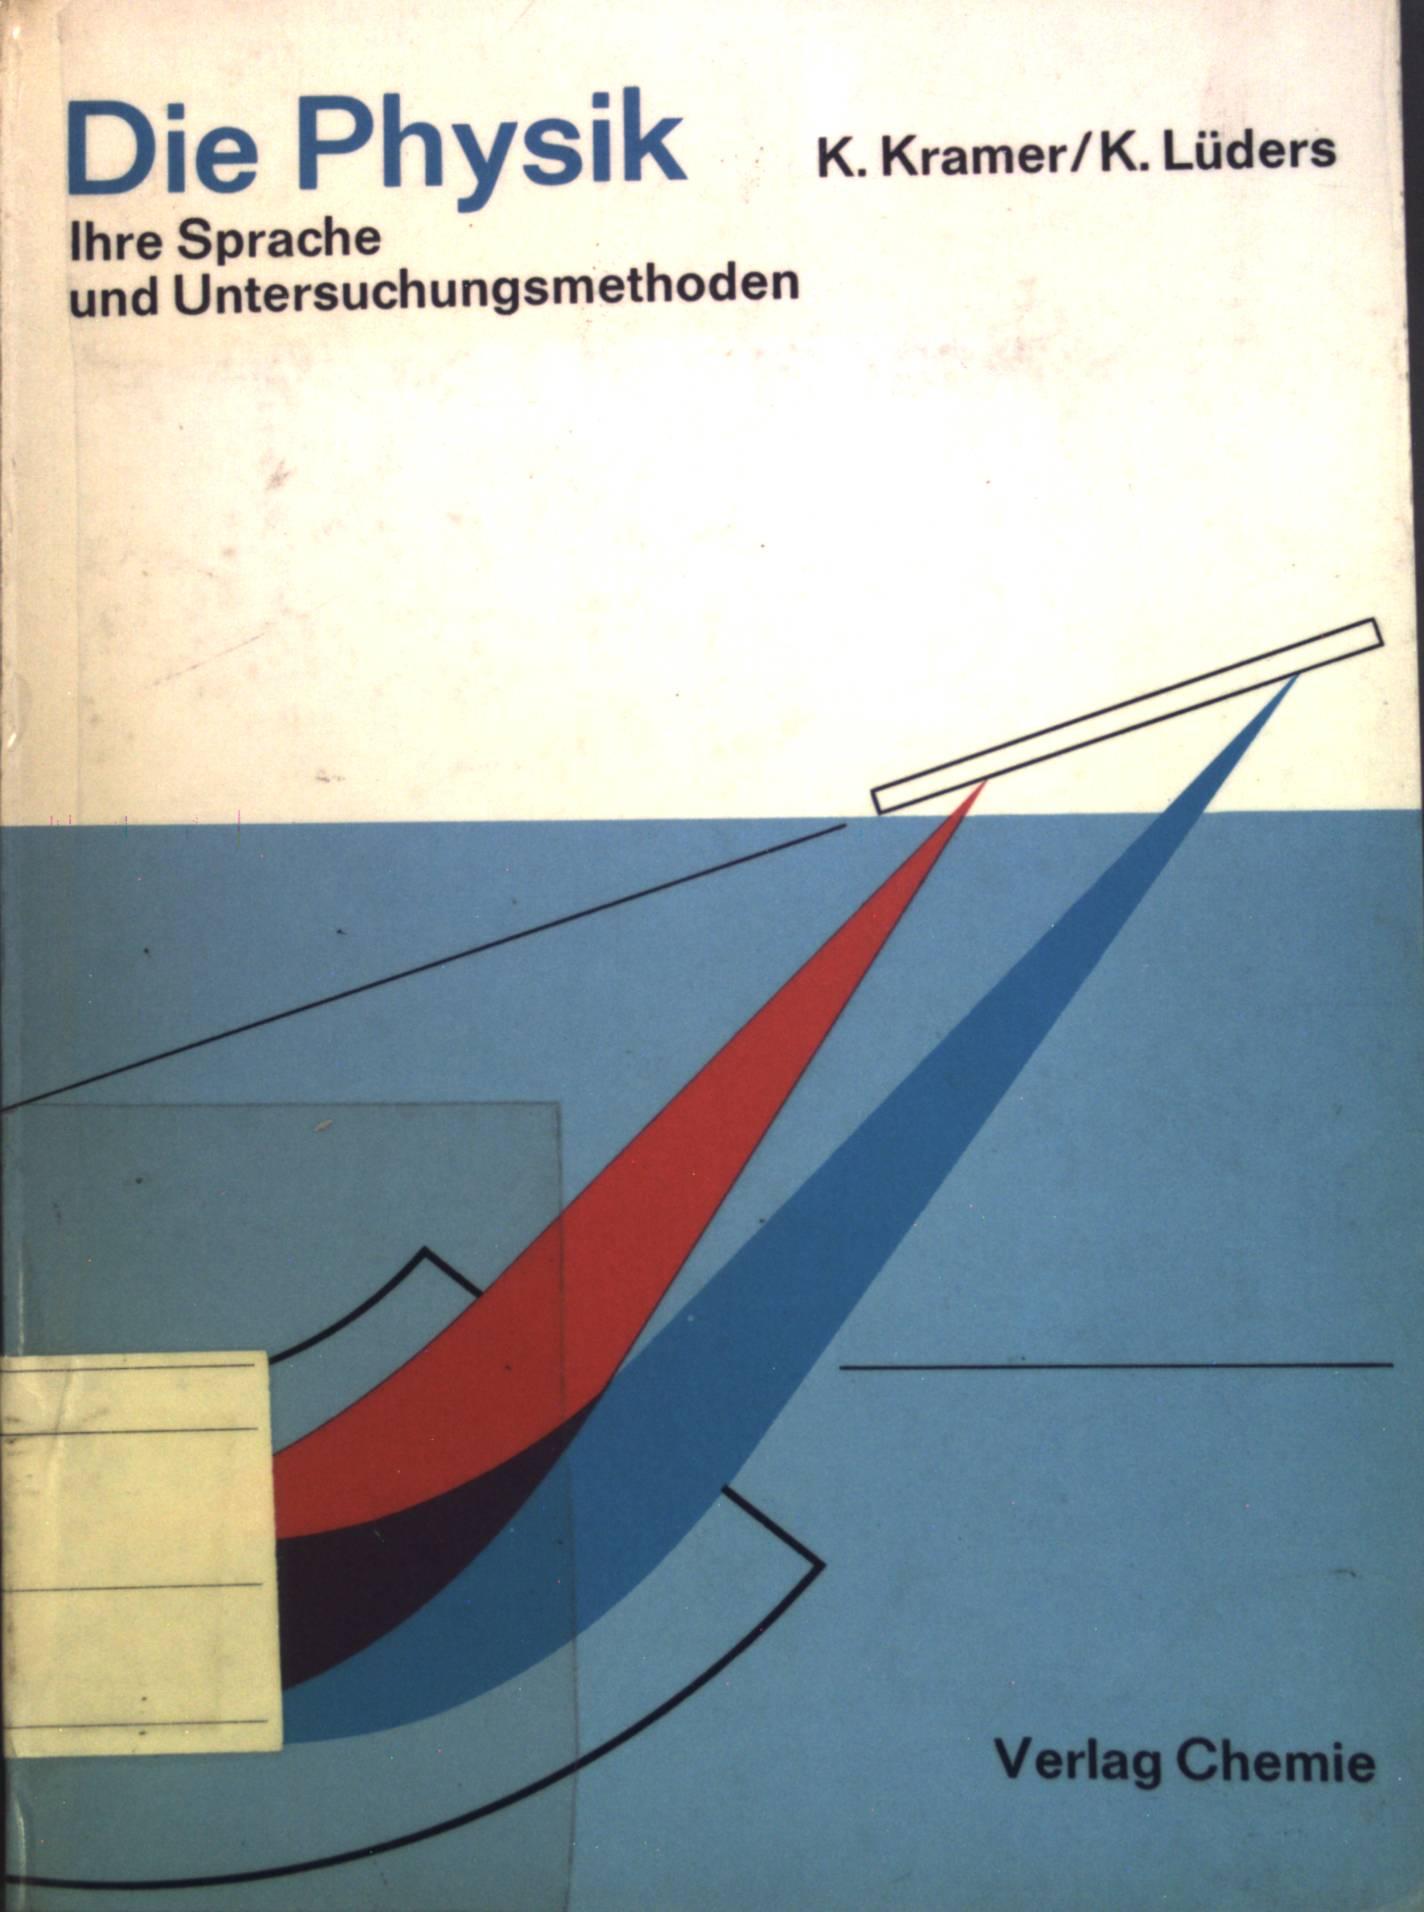 Die Physik : Ihre Sprache und Untersuchungsmethoden.: Kramer, K.: